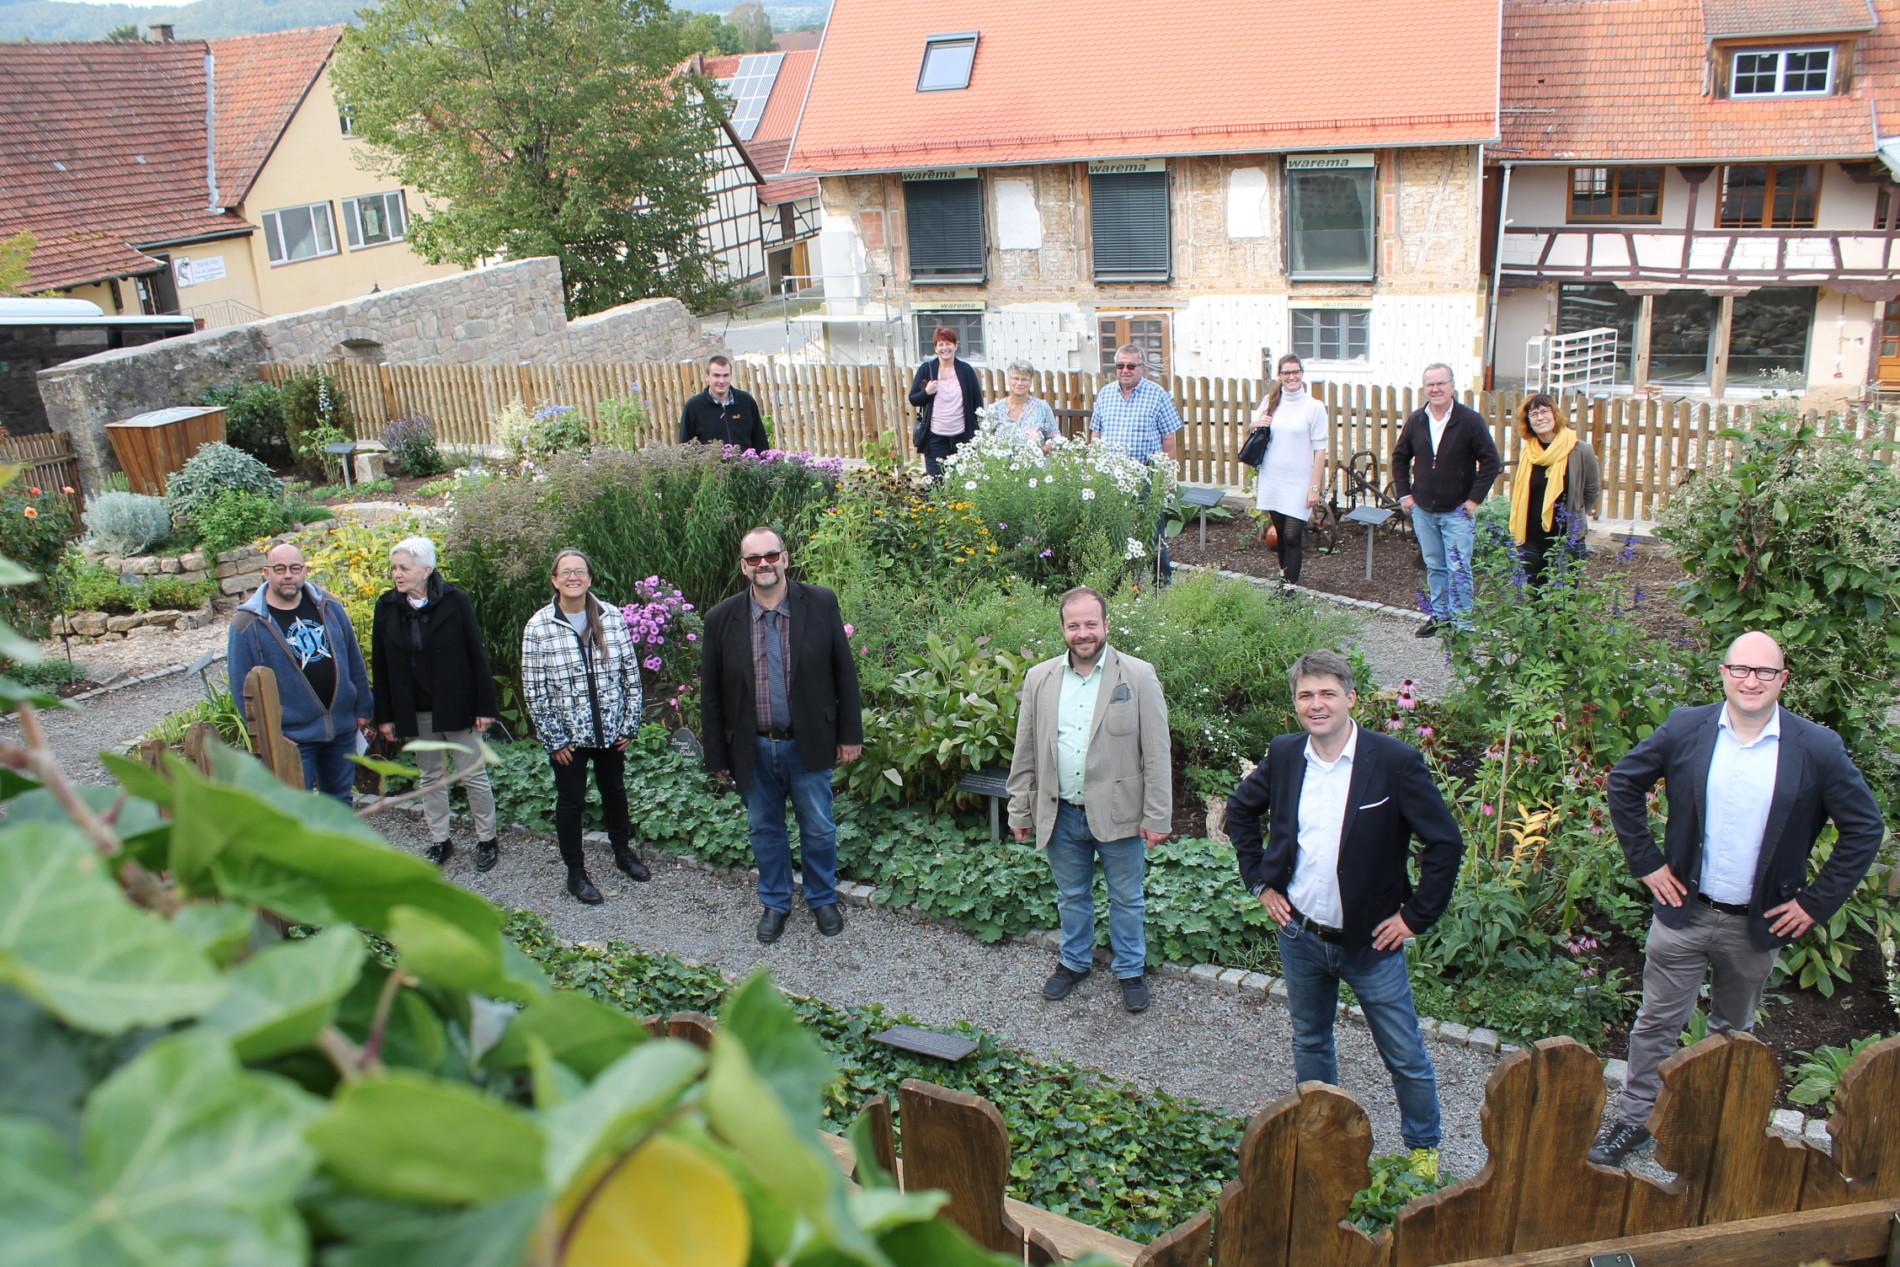 Die Delegation besucht den Bibelgarten in Sondheim/Rhön (Foto: Georg Stock).